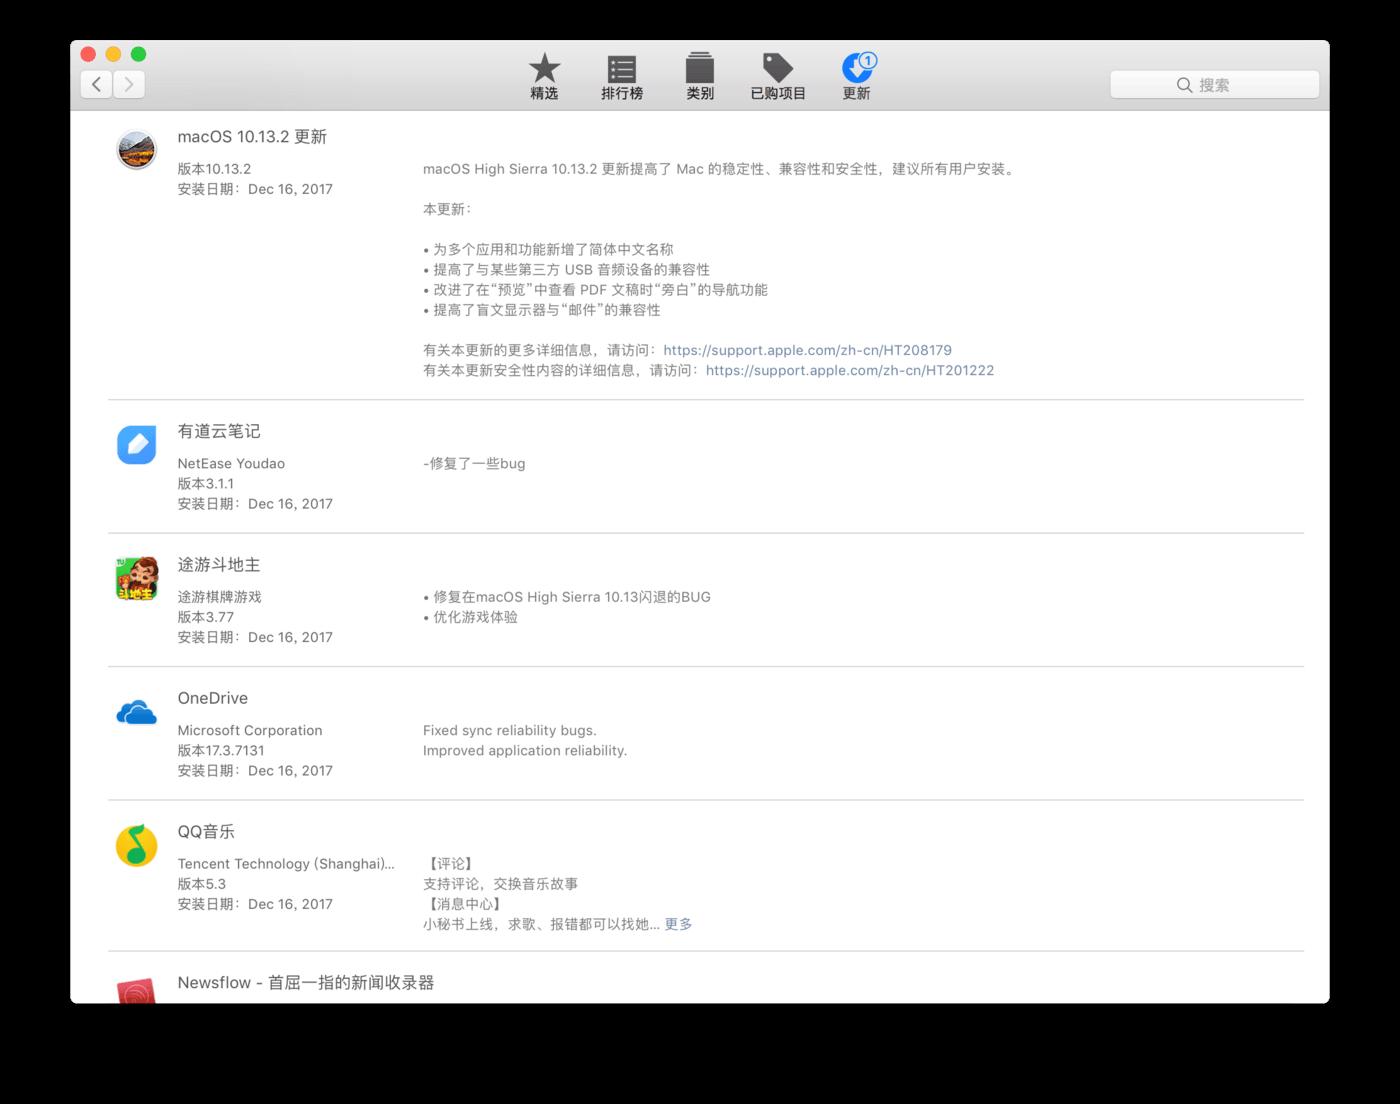 macOS 10.13.2 更新提示